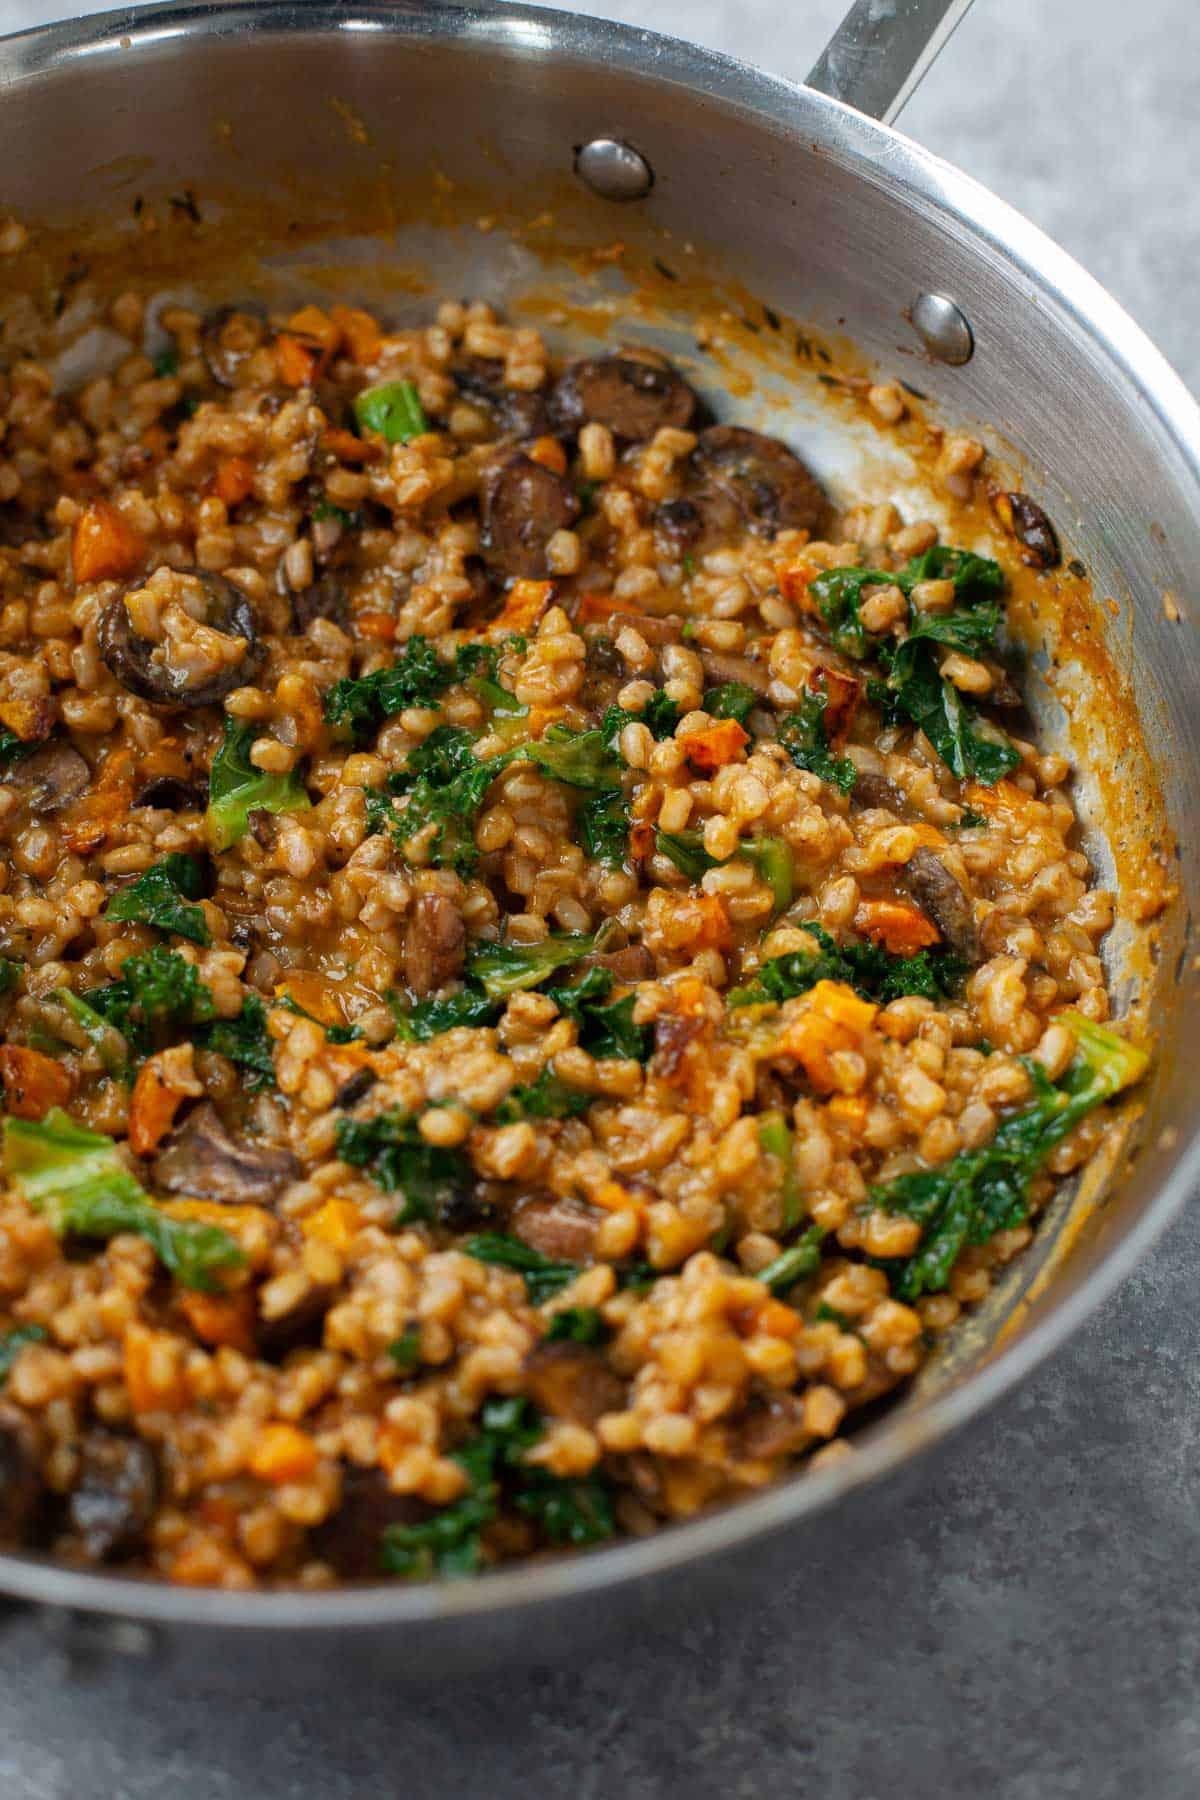 farro ingredients in pan